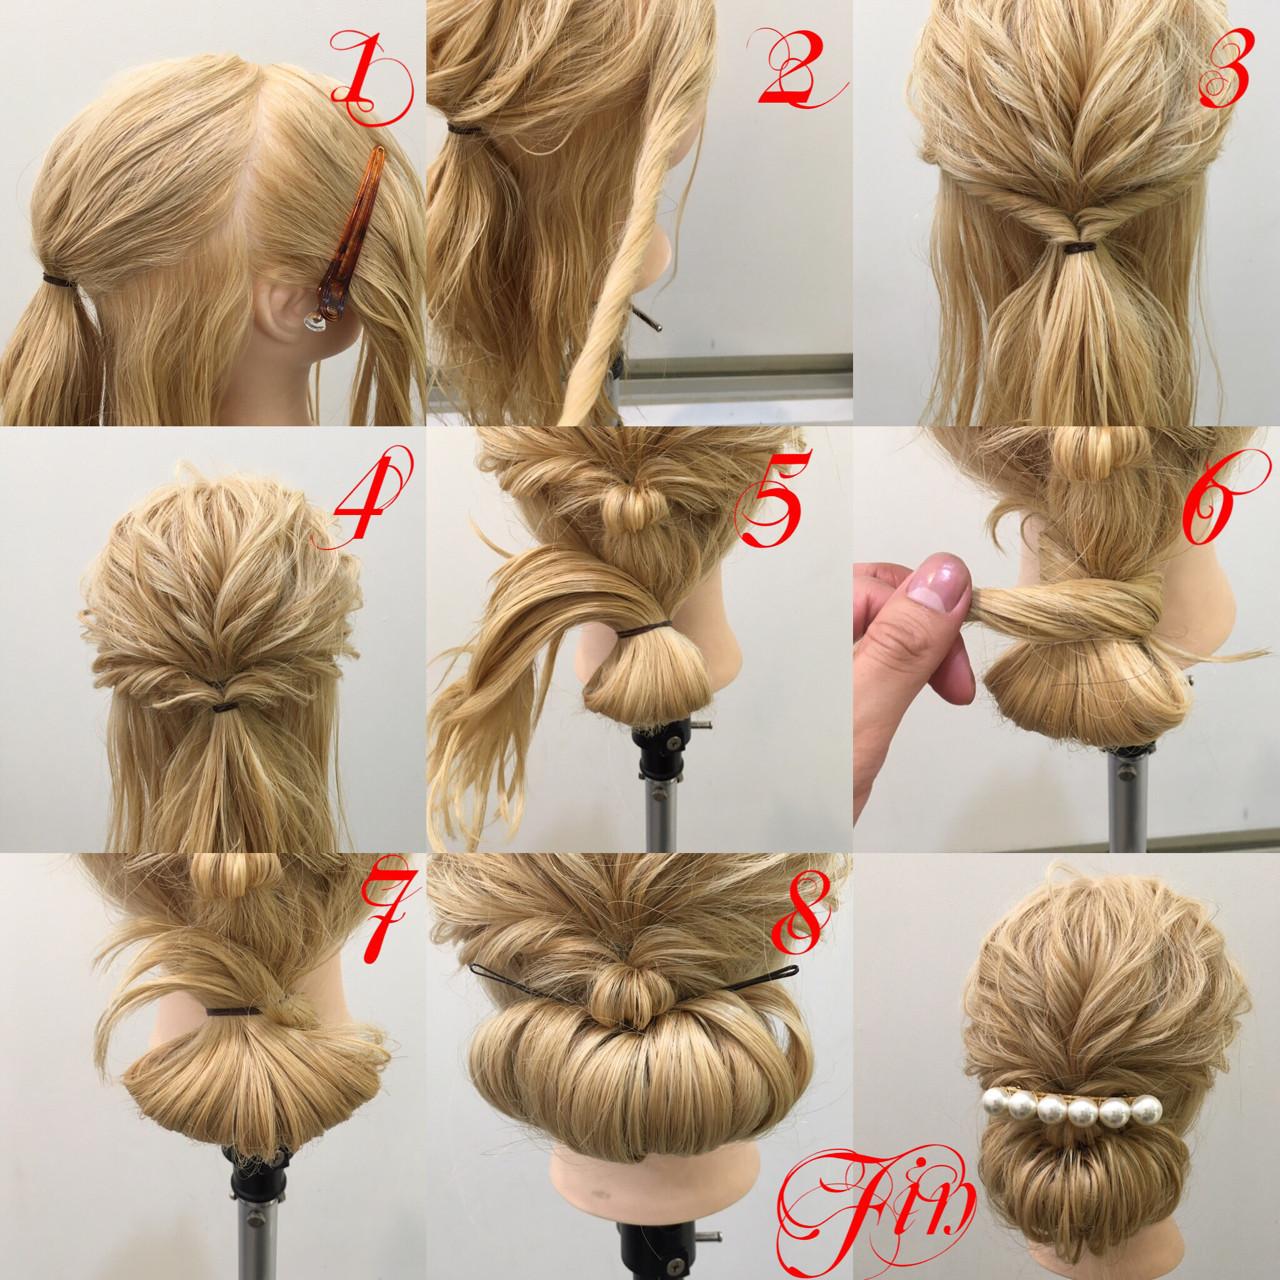 これさえ見ればすぐできる!簡単3ステップ♡ギブソンタックのやり方を公開! hiroki  hair latelier emma